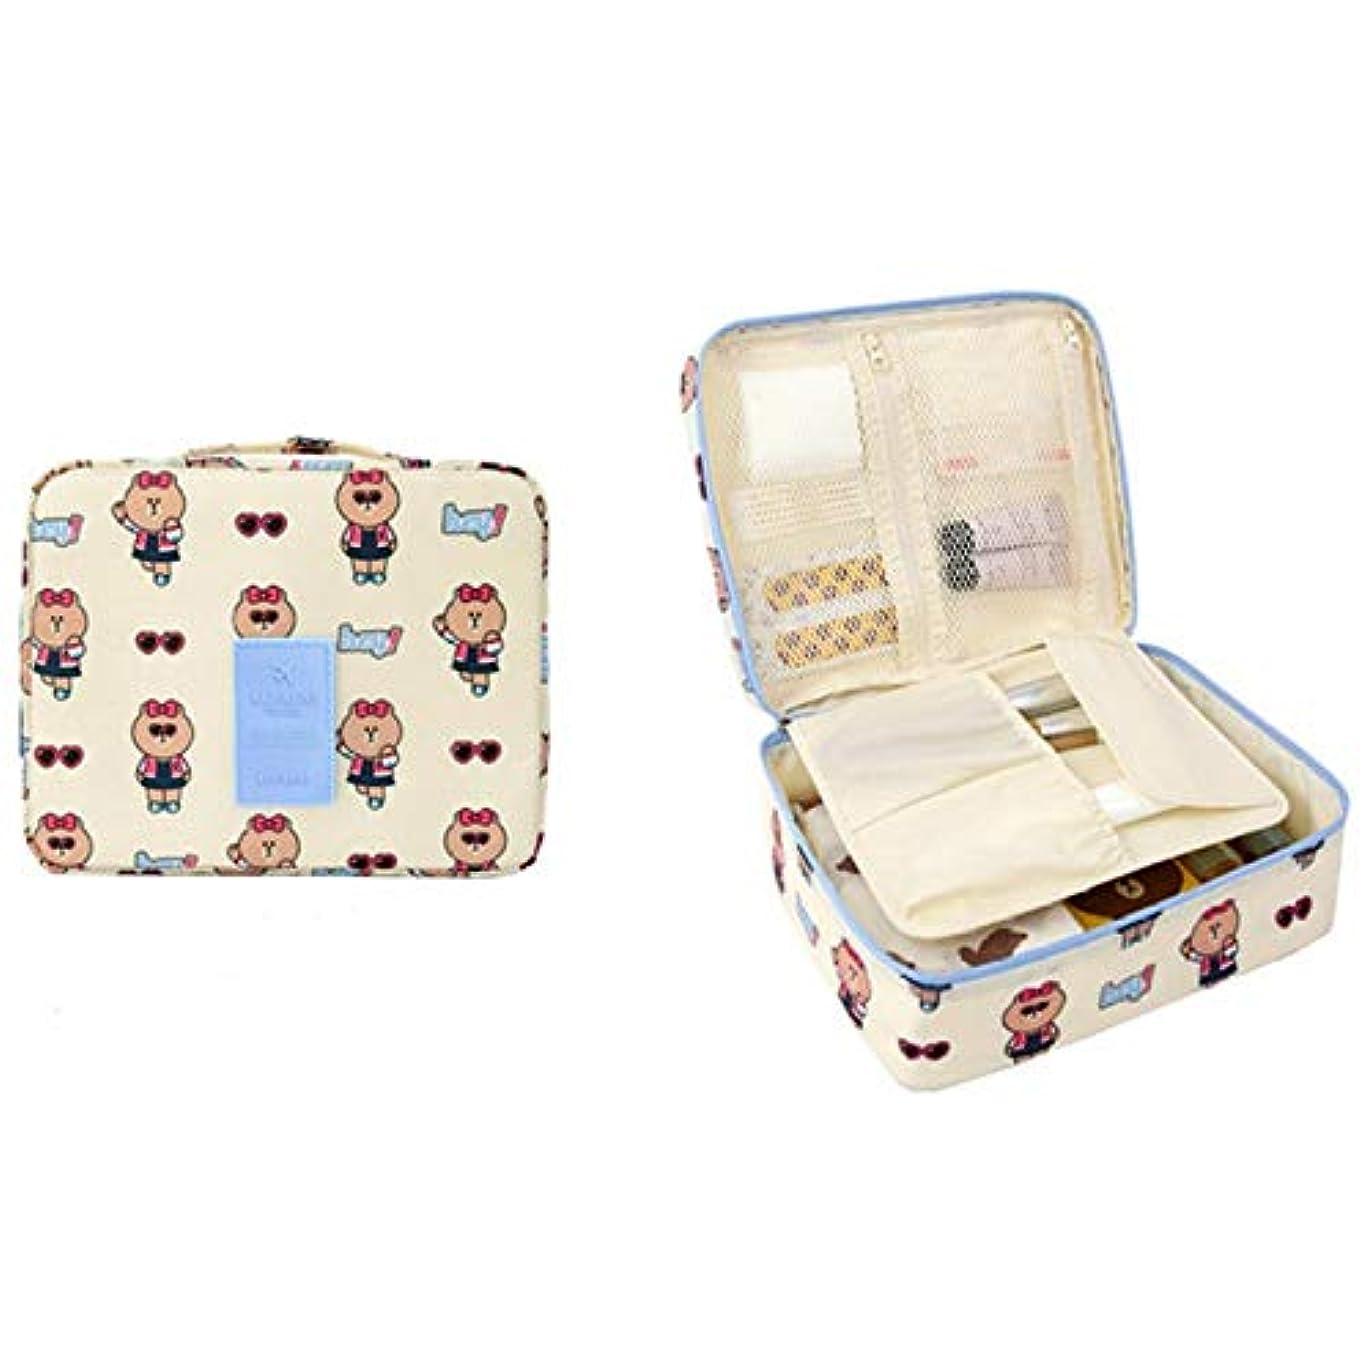 モトリー芽もっと少なく多機能旅行収納バッグ_漫画ブラウン熊化粧バッグ多機能旅行収納バッグ携帯型男性女性女性防水, Lベージュ